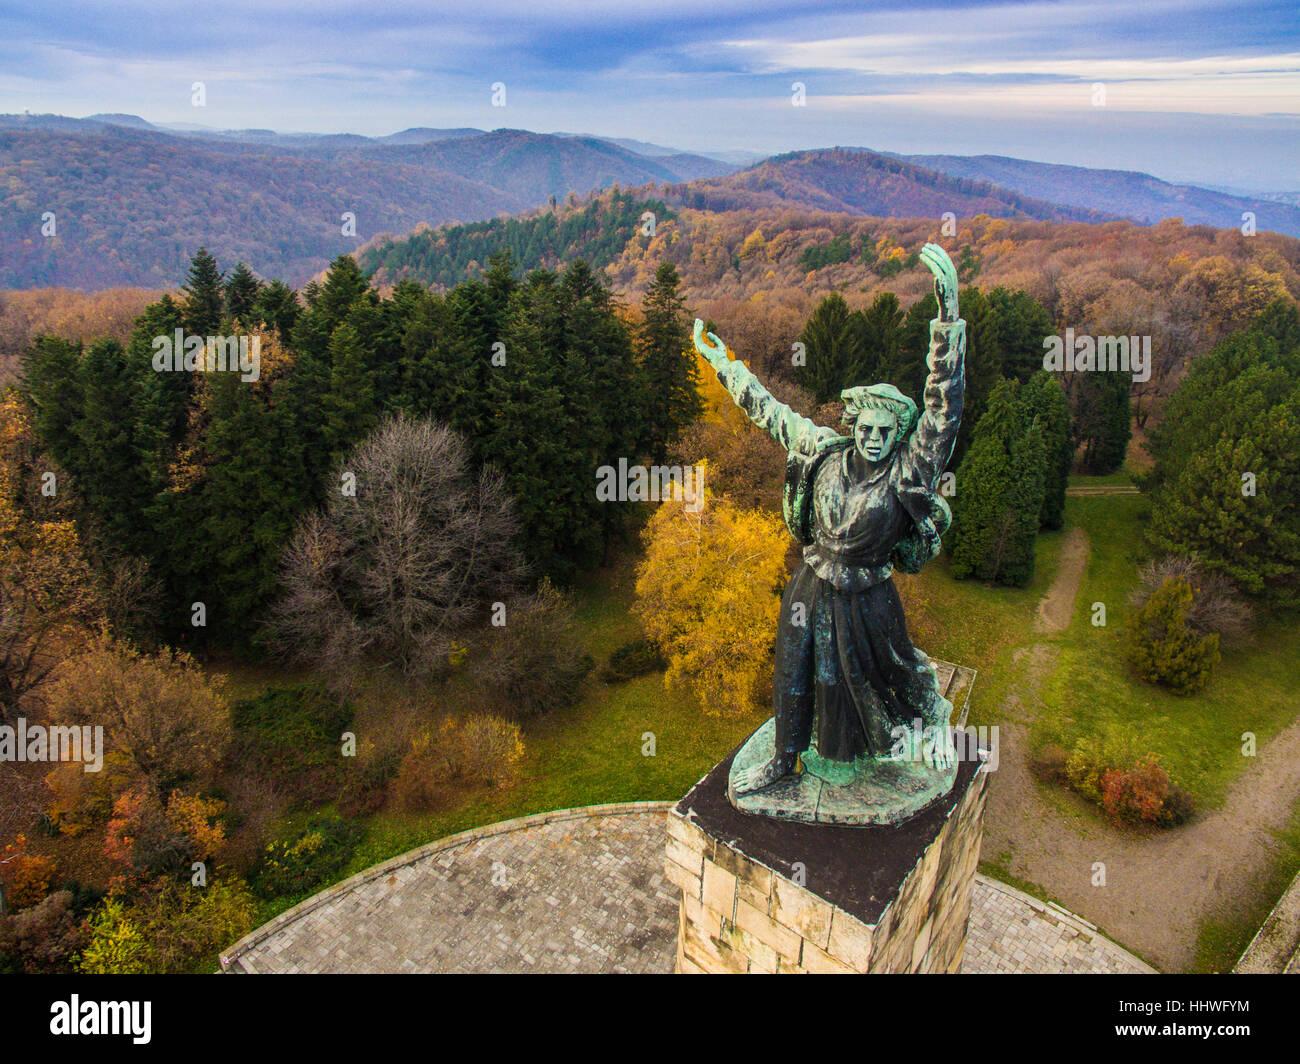 Liberty monument on Iriski venac on mountain Fruska Gora in Serbia - Stock Image